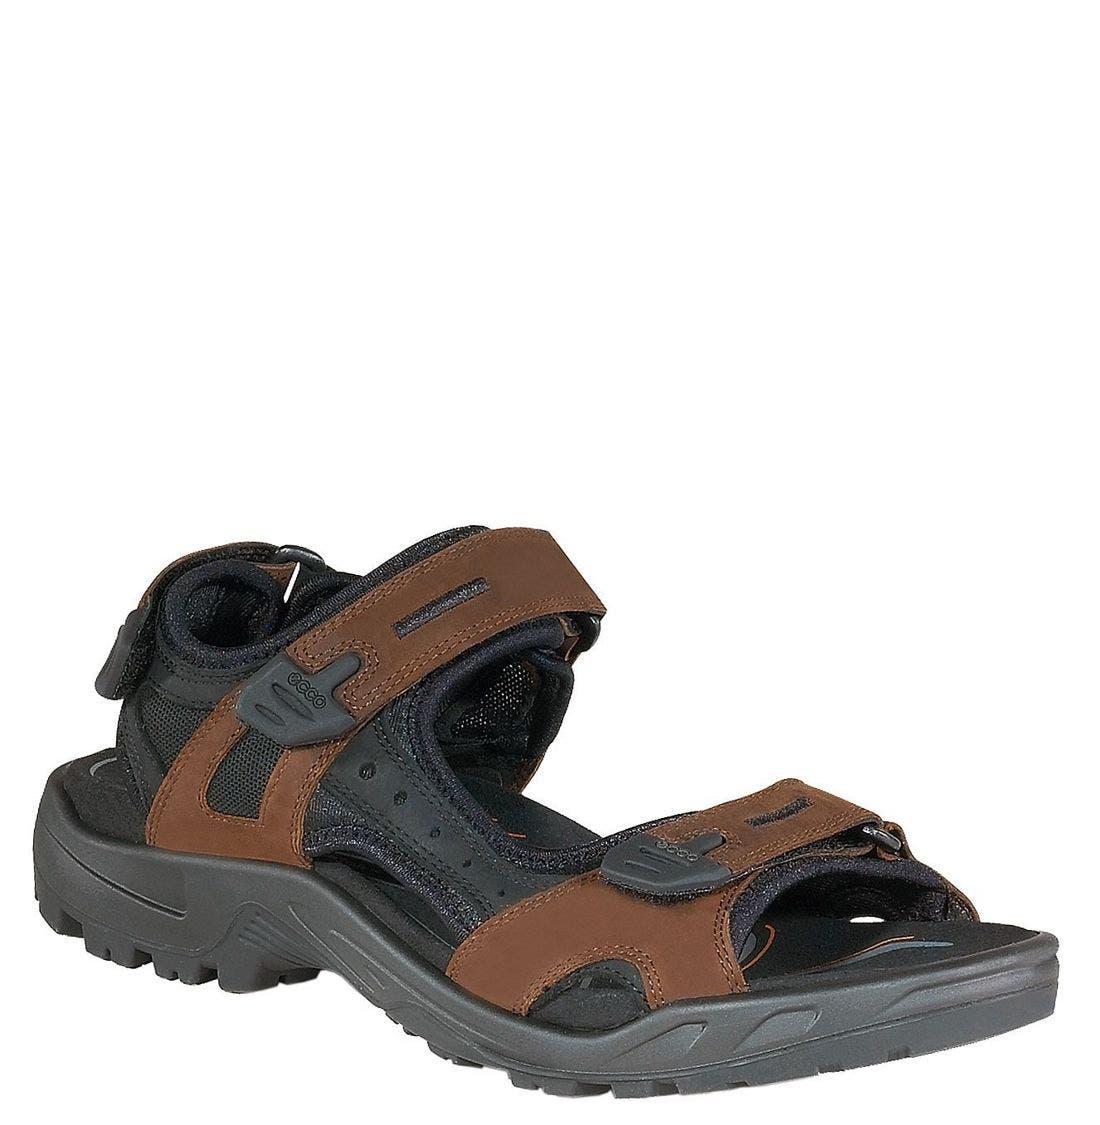 'Yucatan' Sandal,                         Main,                         color, BROWN/BLACK